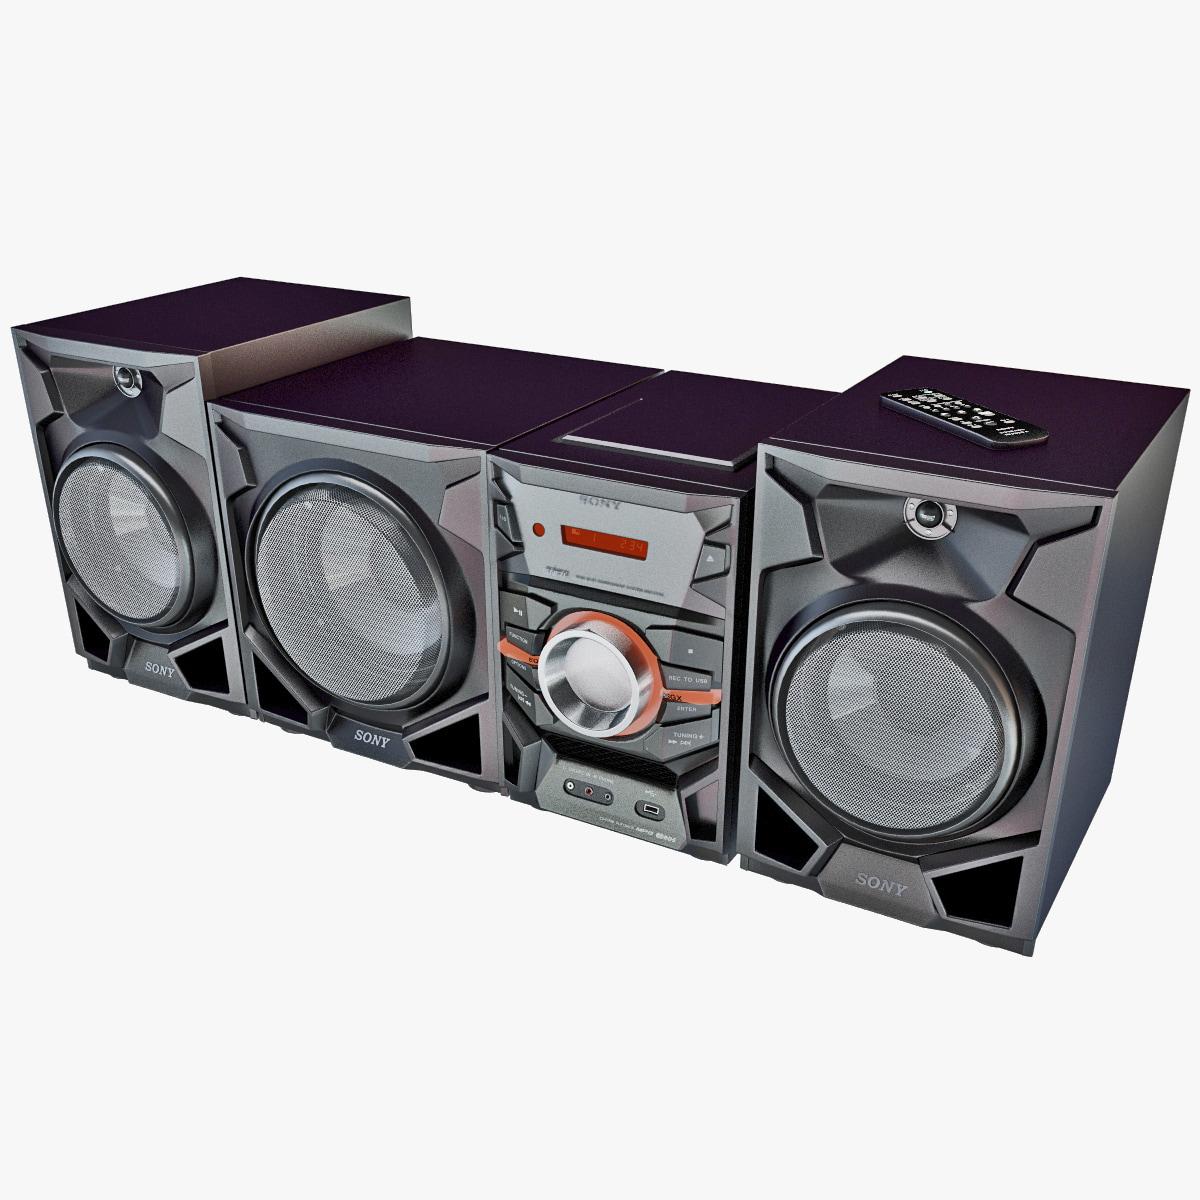 Stereo_Double_Cassette_Tape_Sony_MHC_EX900_Set_000.jpg